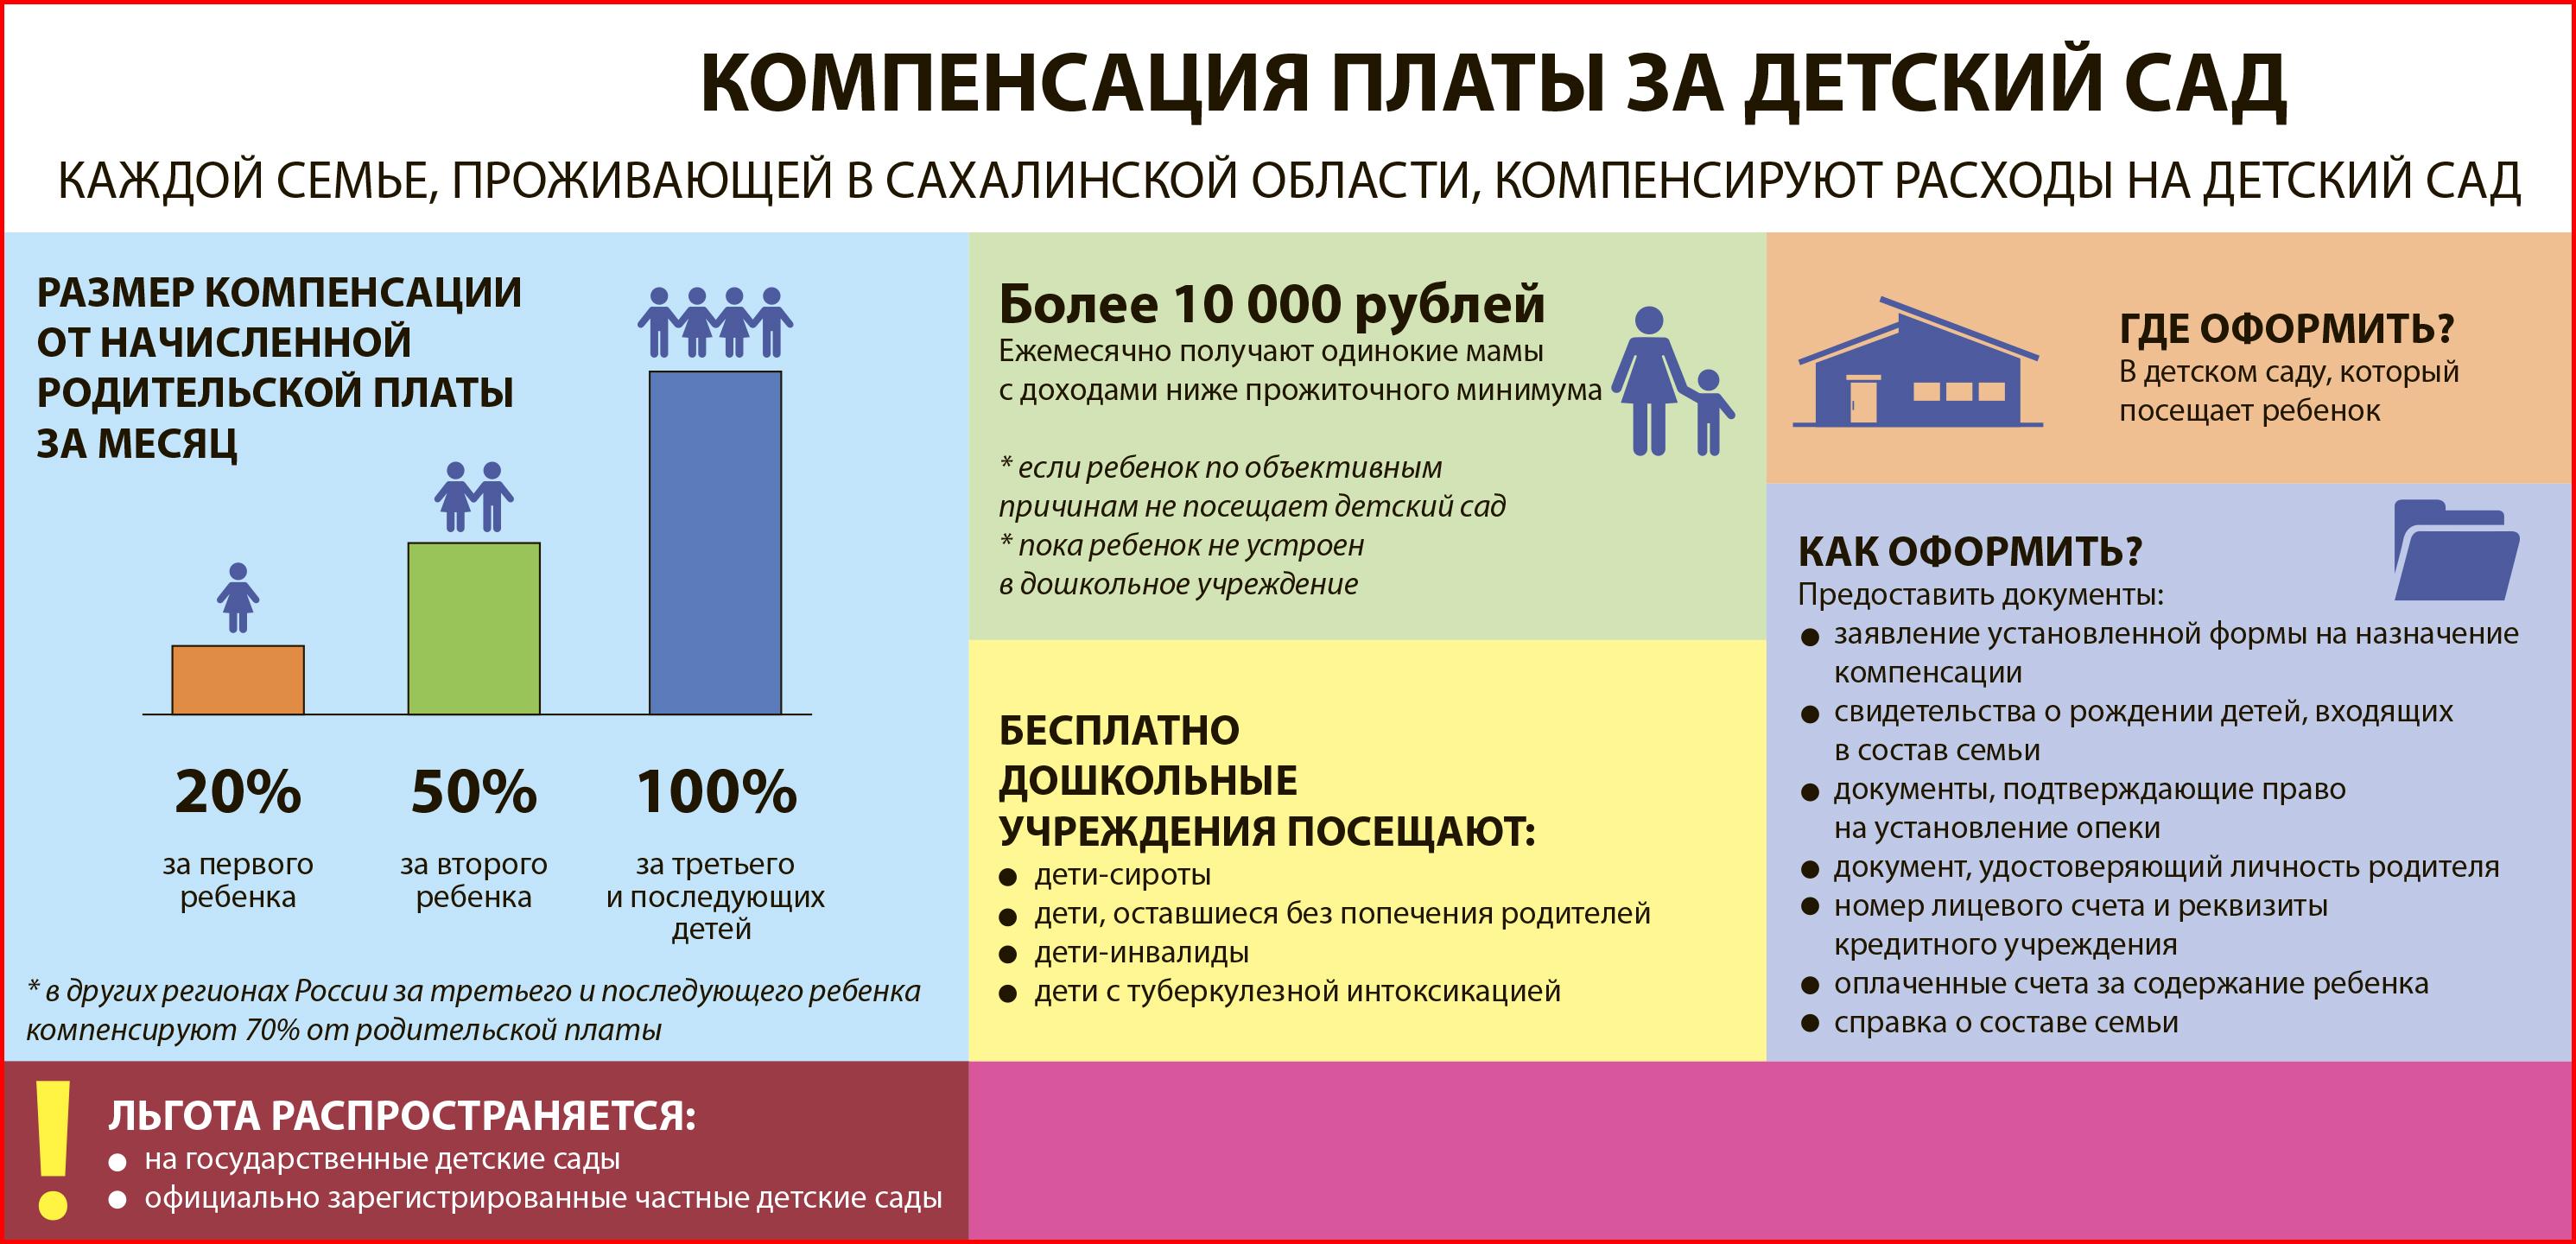 Вв мвд жилищная субсидия